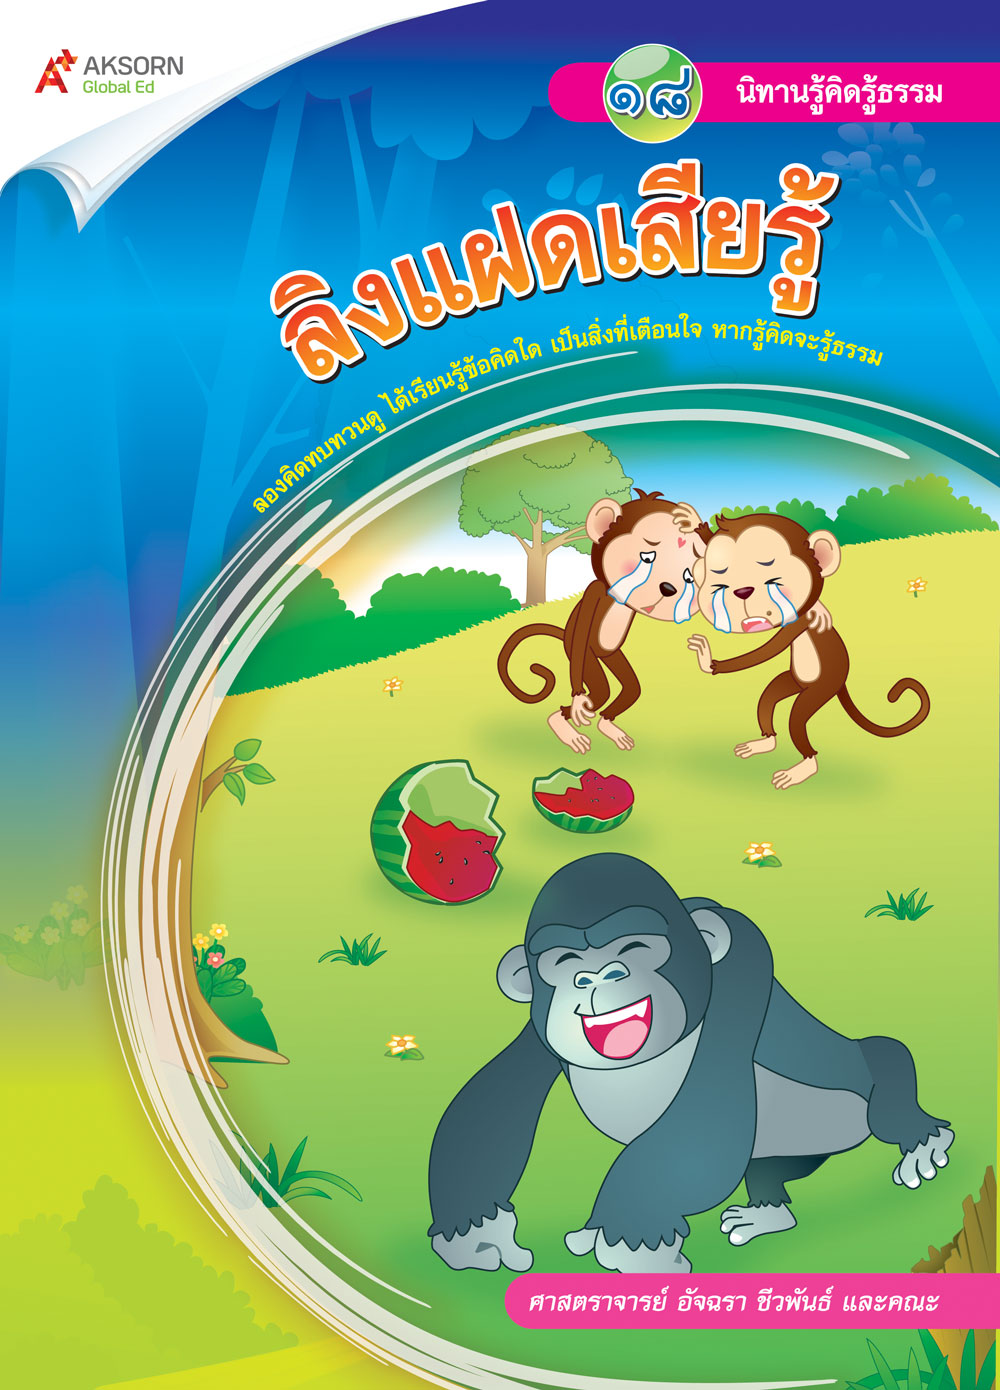 หนังสือนิทานรู้คิดรู้ธรรม (A+) : เล่ม 18 ลิงแฝดเสียรู้